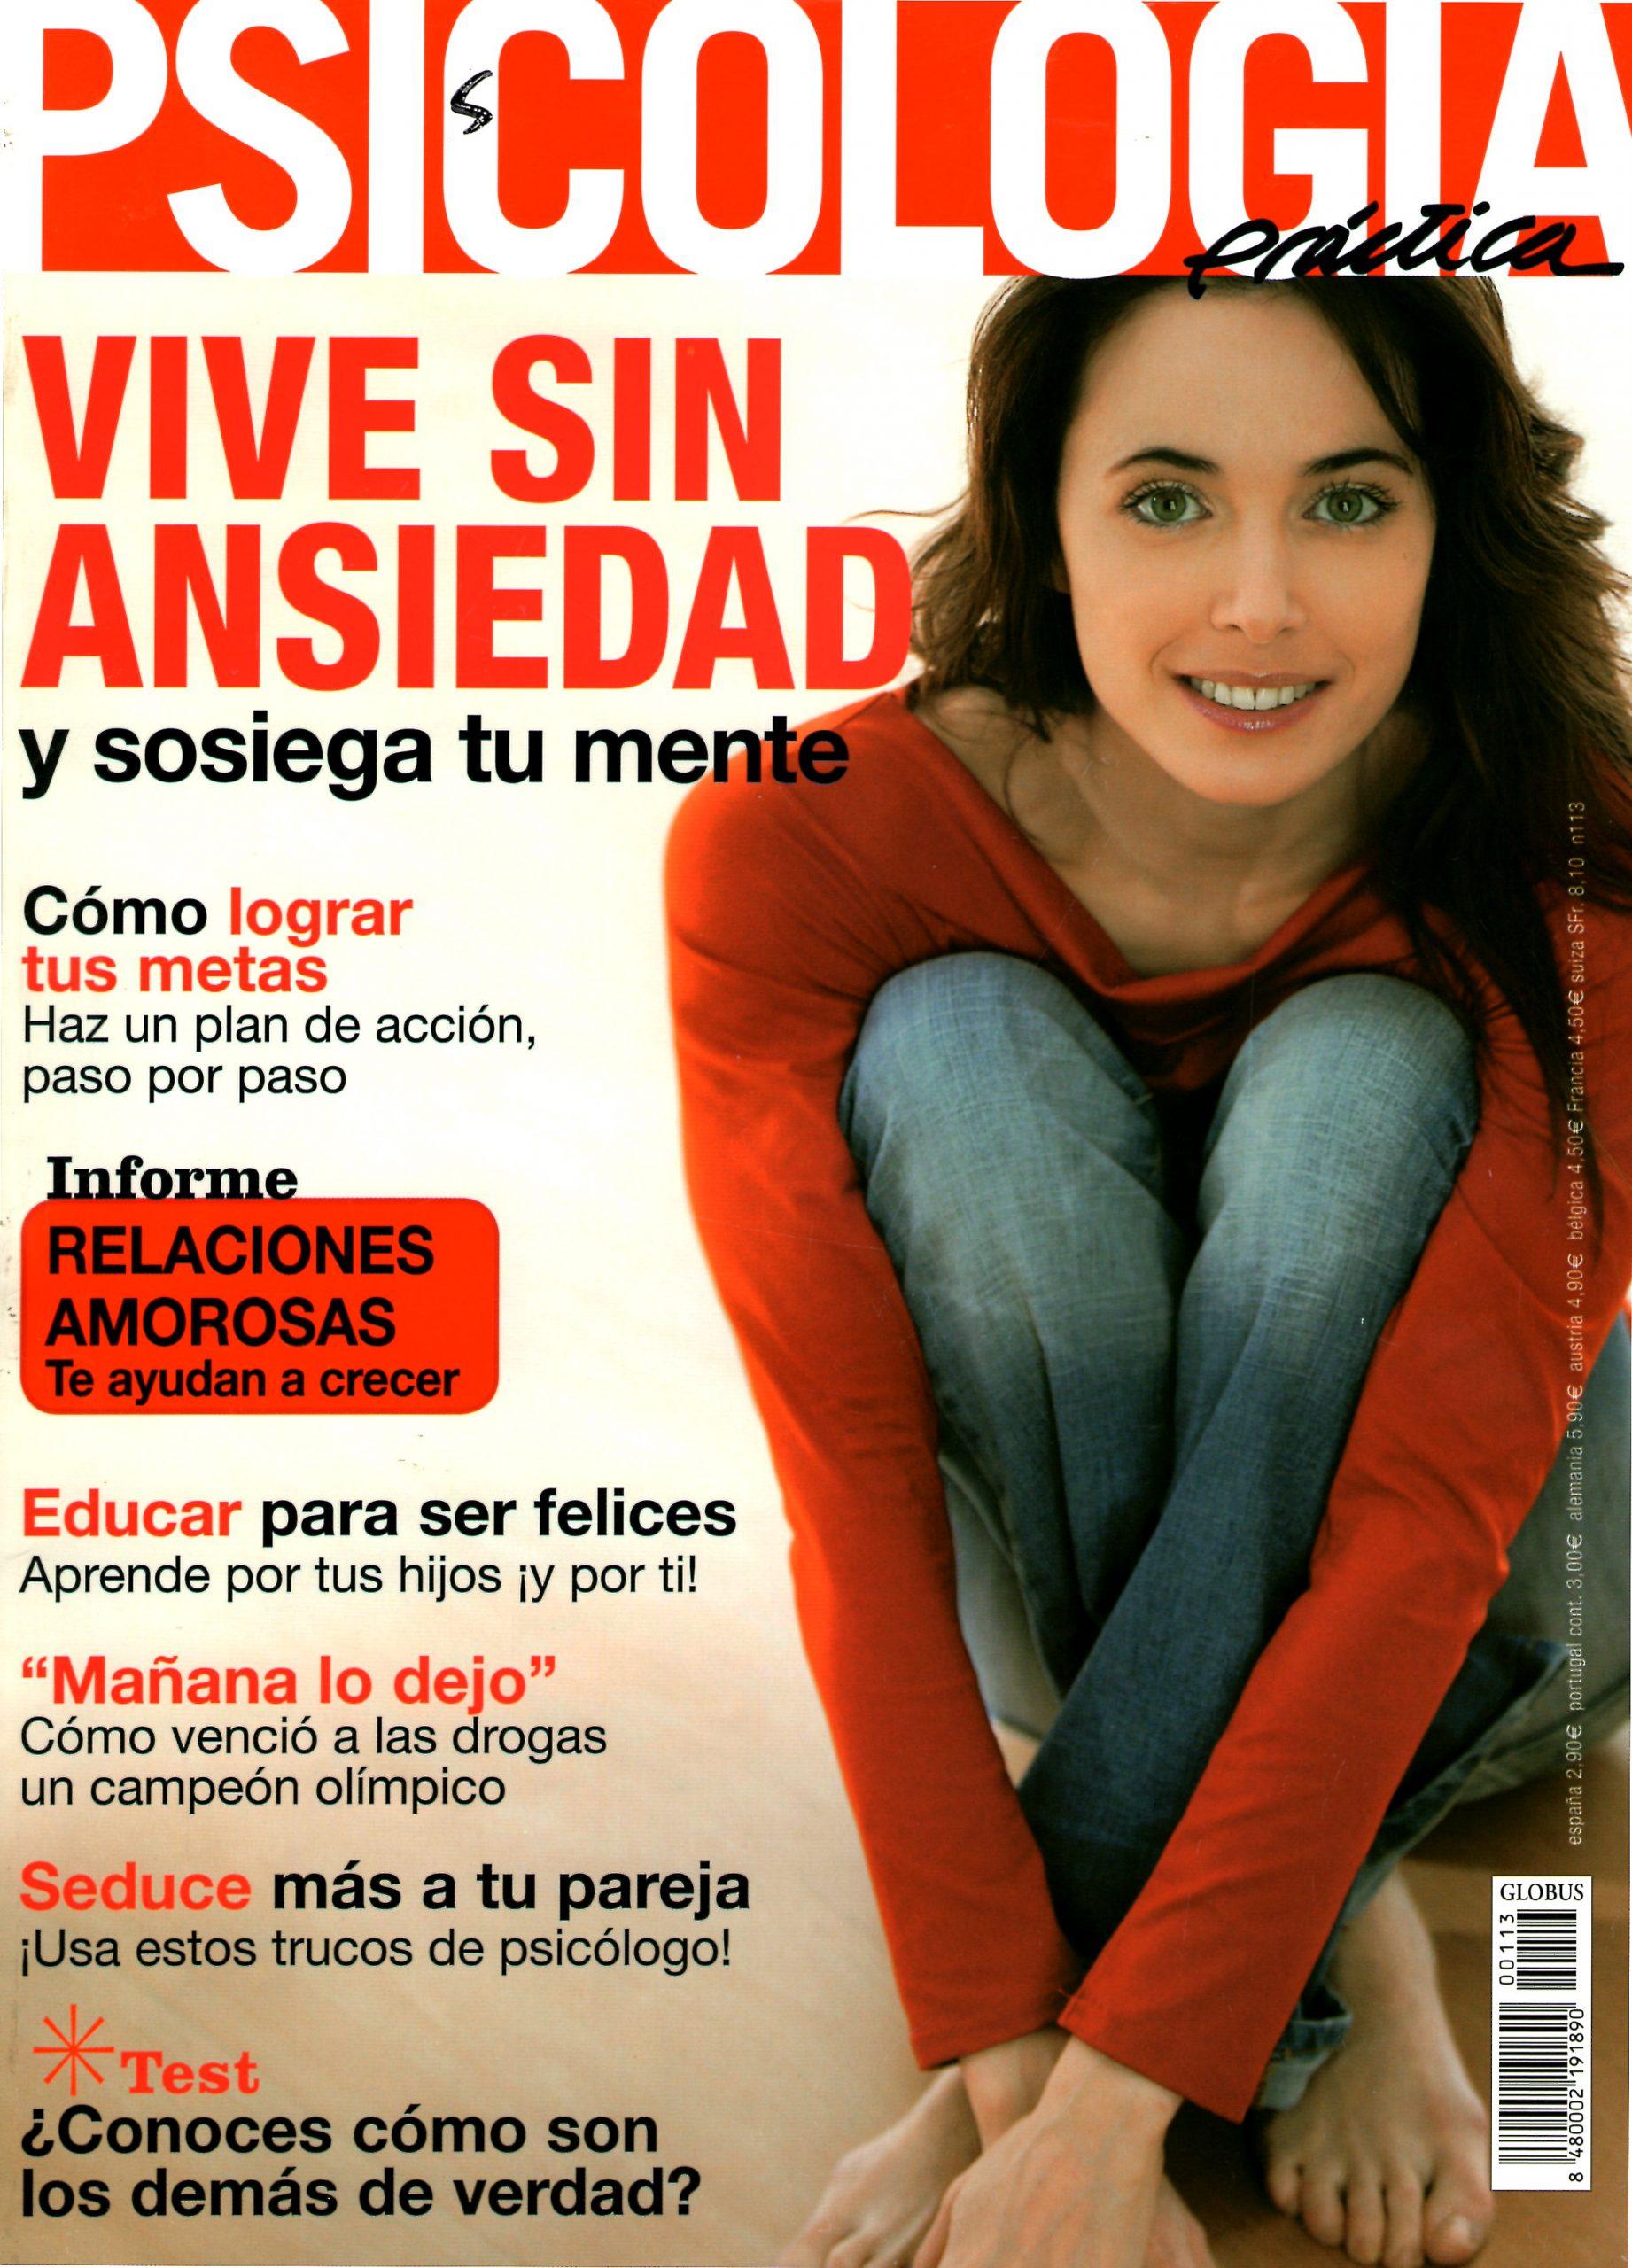 Nº-280-COSMOPOLITAN-portada-Mar-Cantero-Sánchez